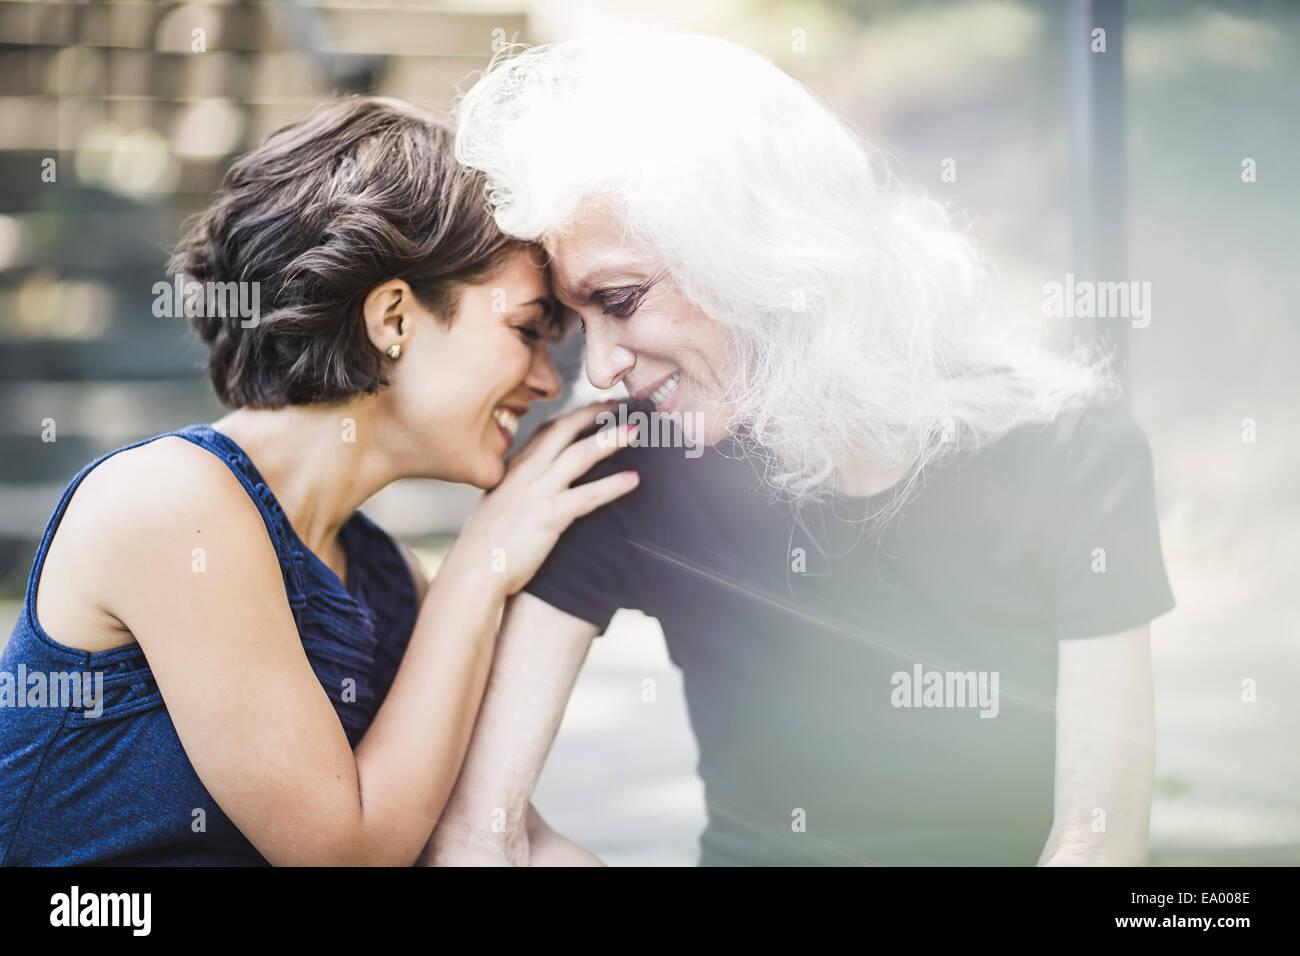 Junge Frau mit Mentor zärtlichen Moment teilen Stockbild